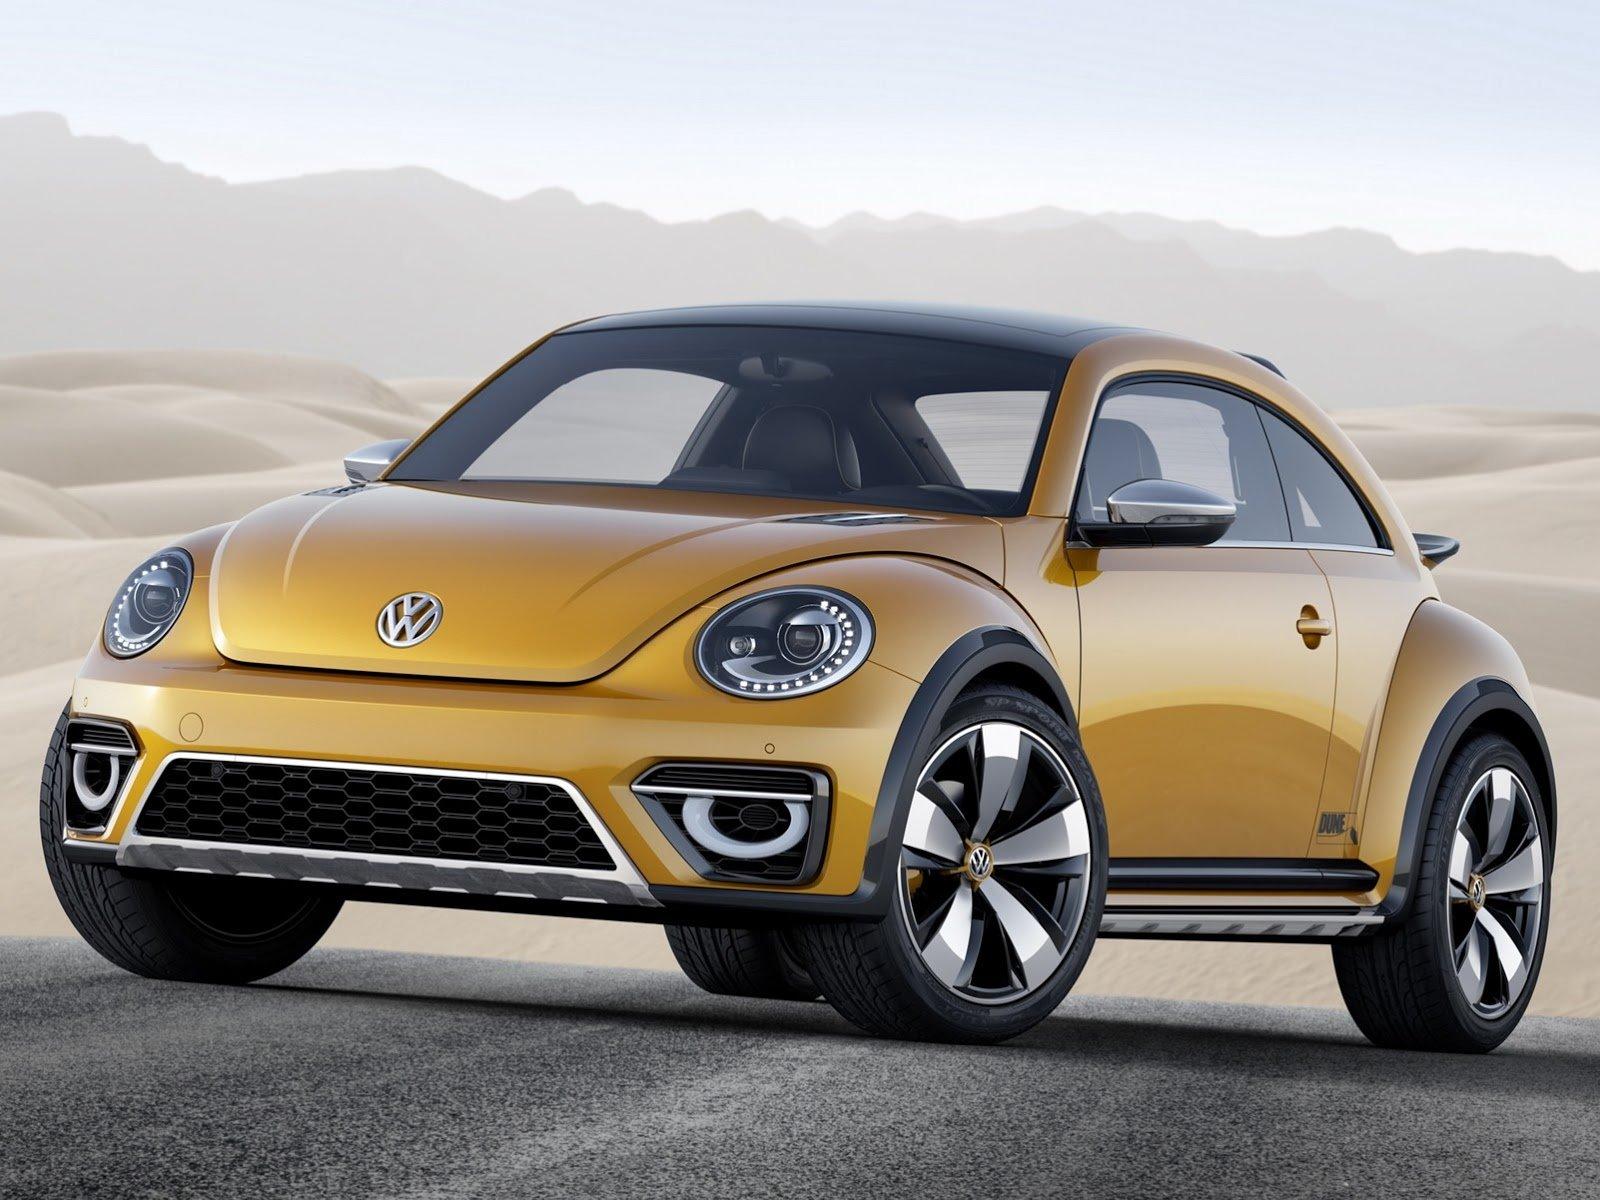 VW präsentiert auf der Detroit Motor Show den Standkäfer Dune. Das Auto soll 2015 in Serie gehen.